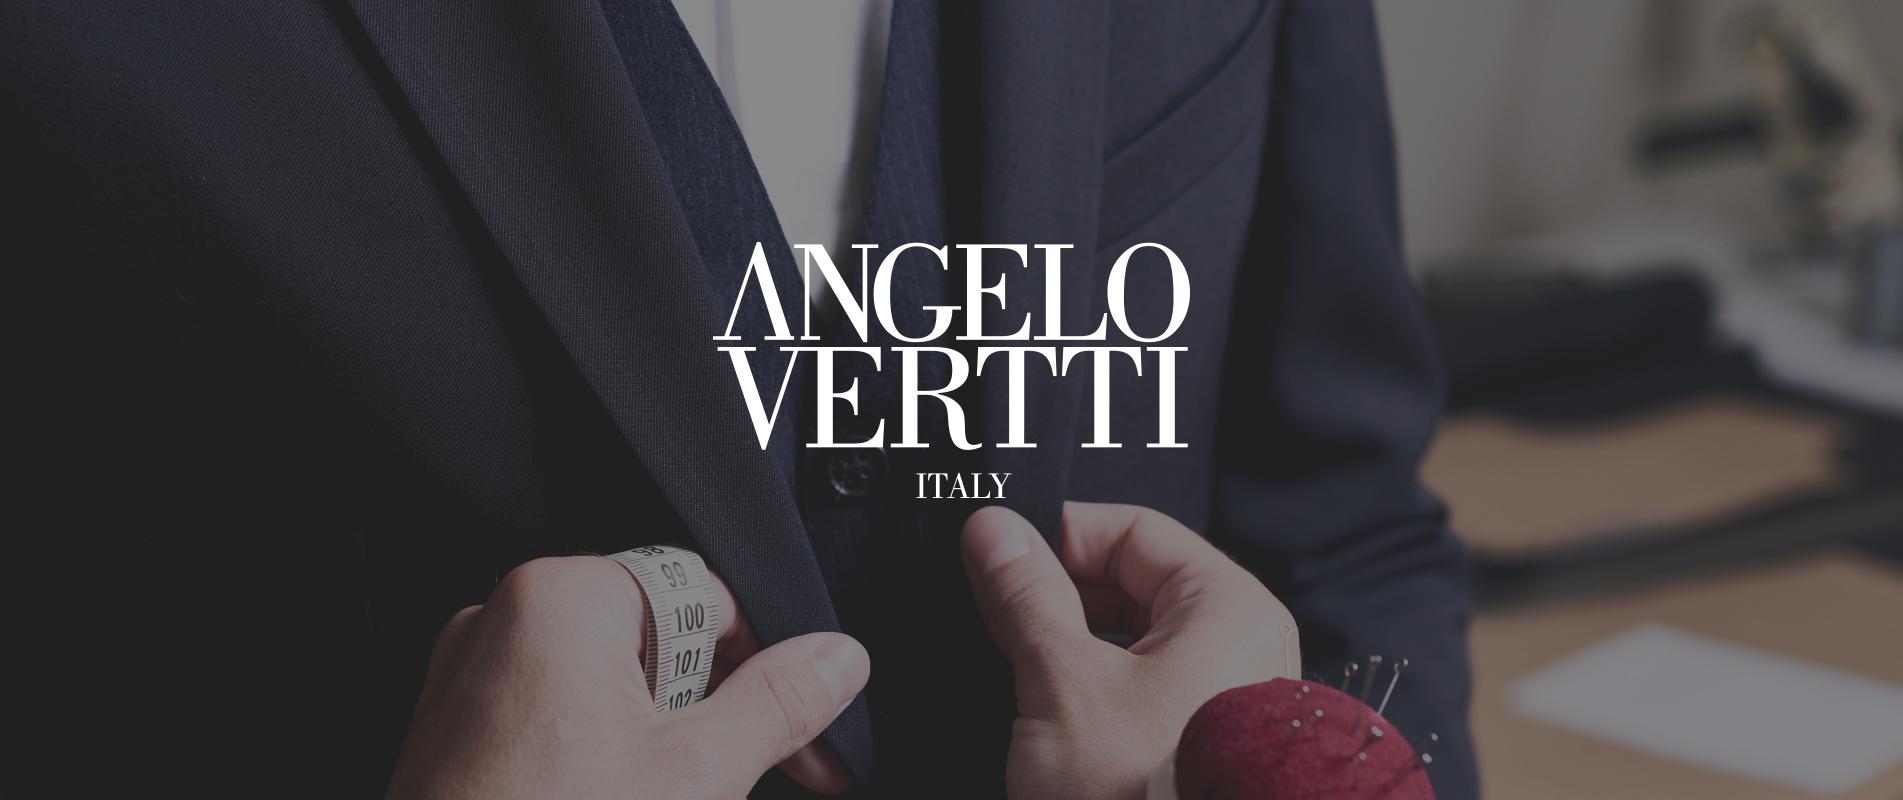 Jaqueta marron e camiseta cinza básica - Angelo Vertti Italy